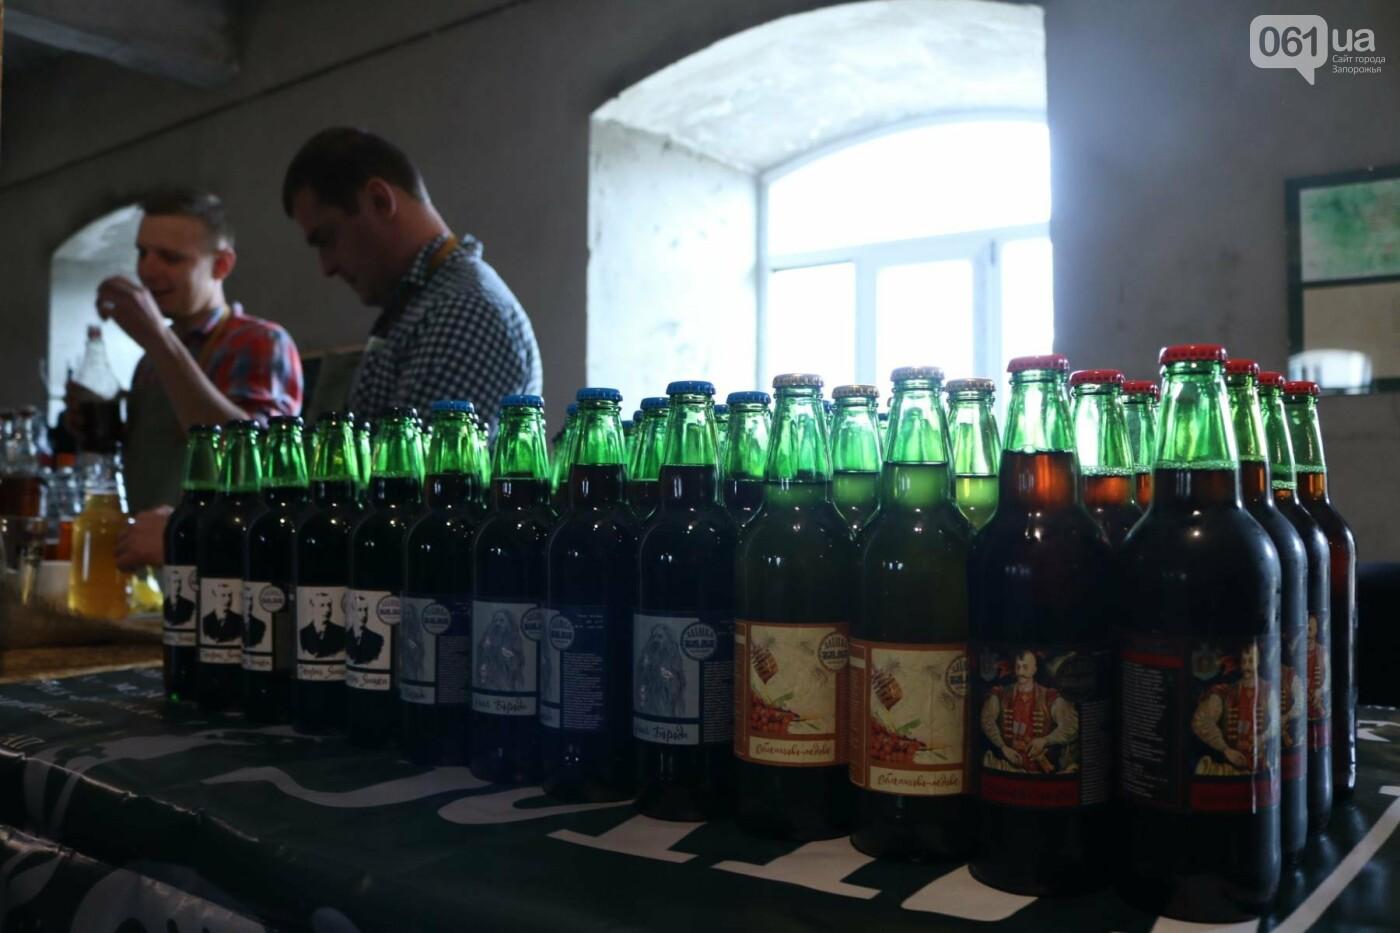 Как в Запорожье проходит фестиваль крафтового пива, - ФОТОРЕПОРТАЖ , фото-11